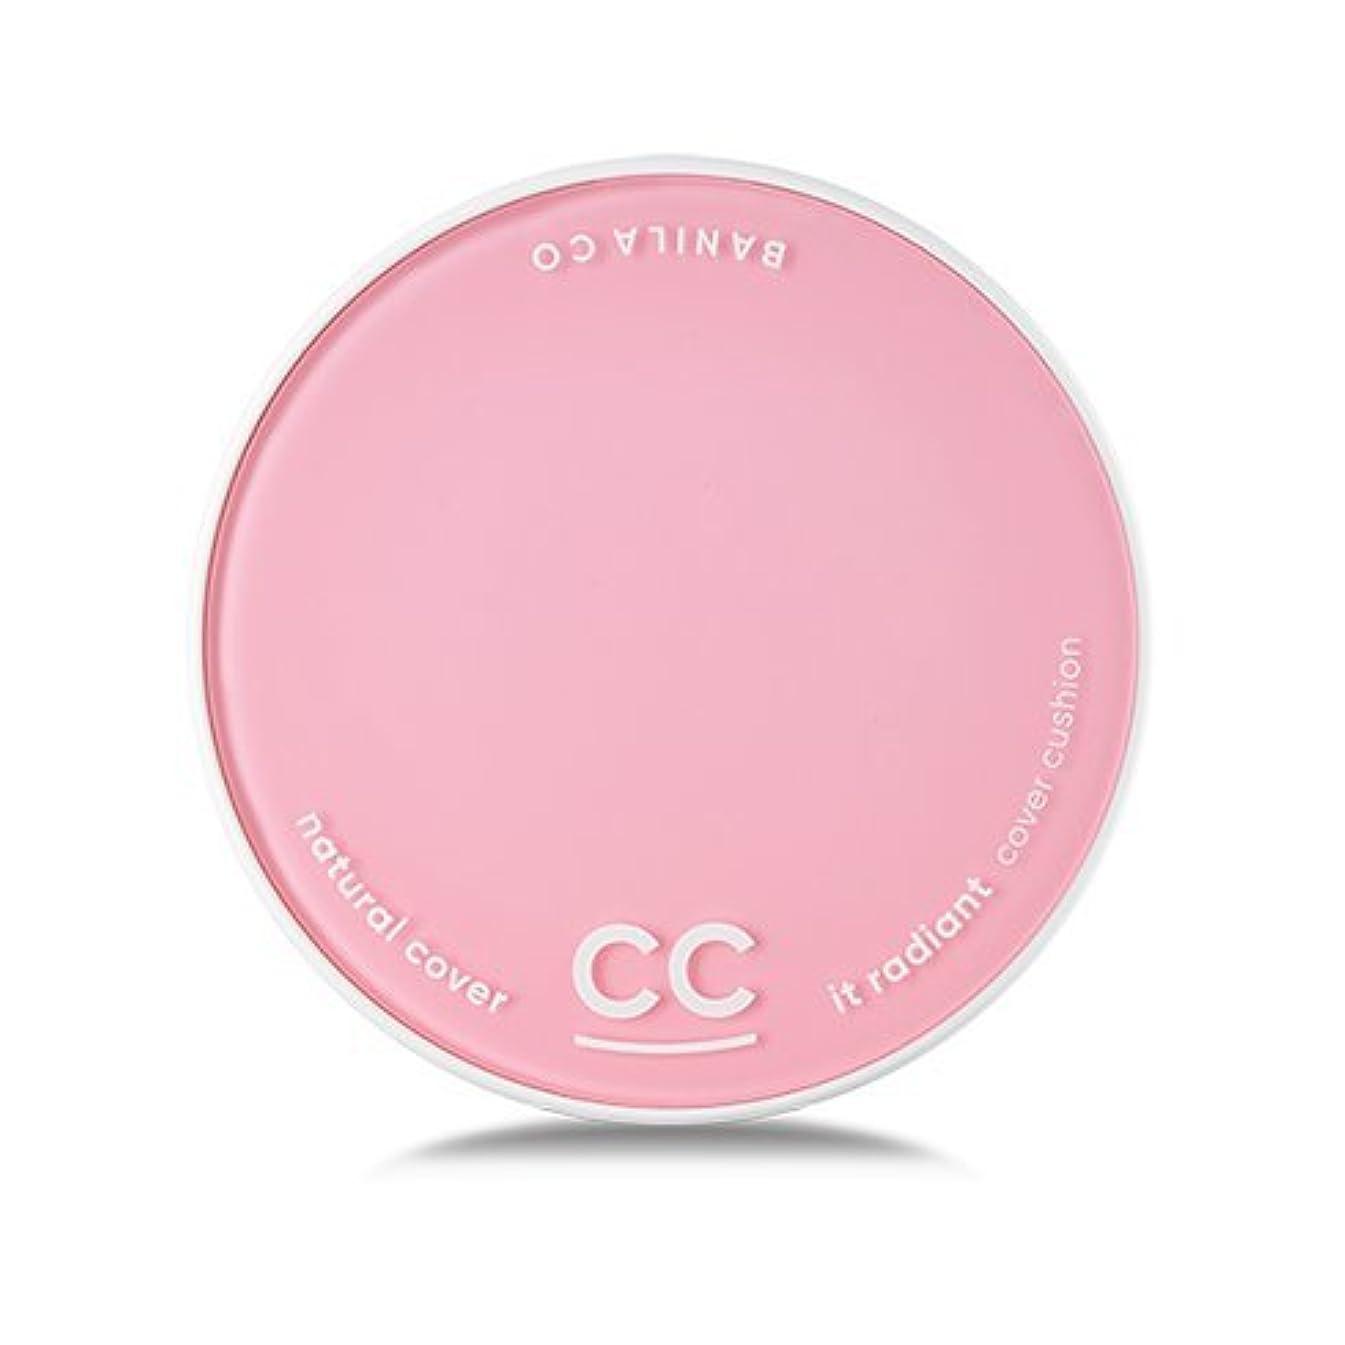 気づくなるアジア悲劇的な[Renewal] BANILA CO It Radiant CC Cover Cushion 12g + Refill 12g/バニラコ イット ラディアント CC カバー クッション 12g + リフィル 12g (...